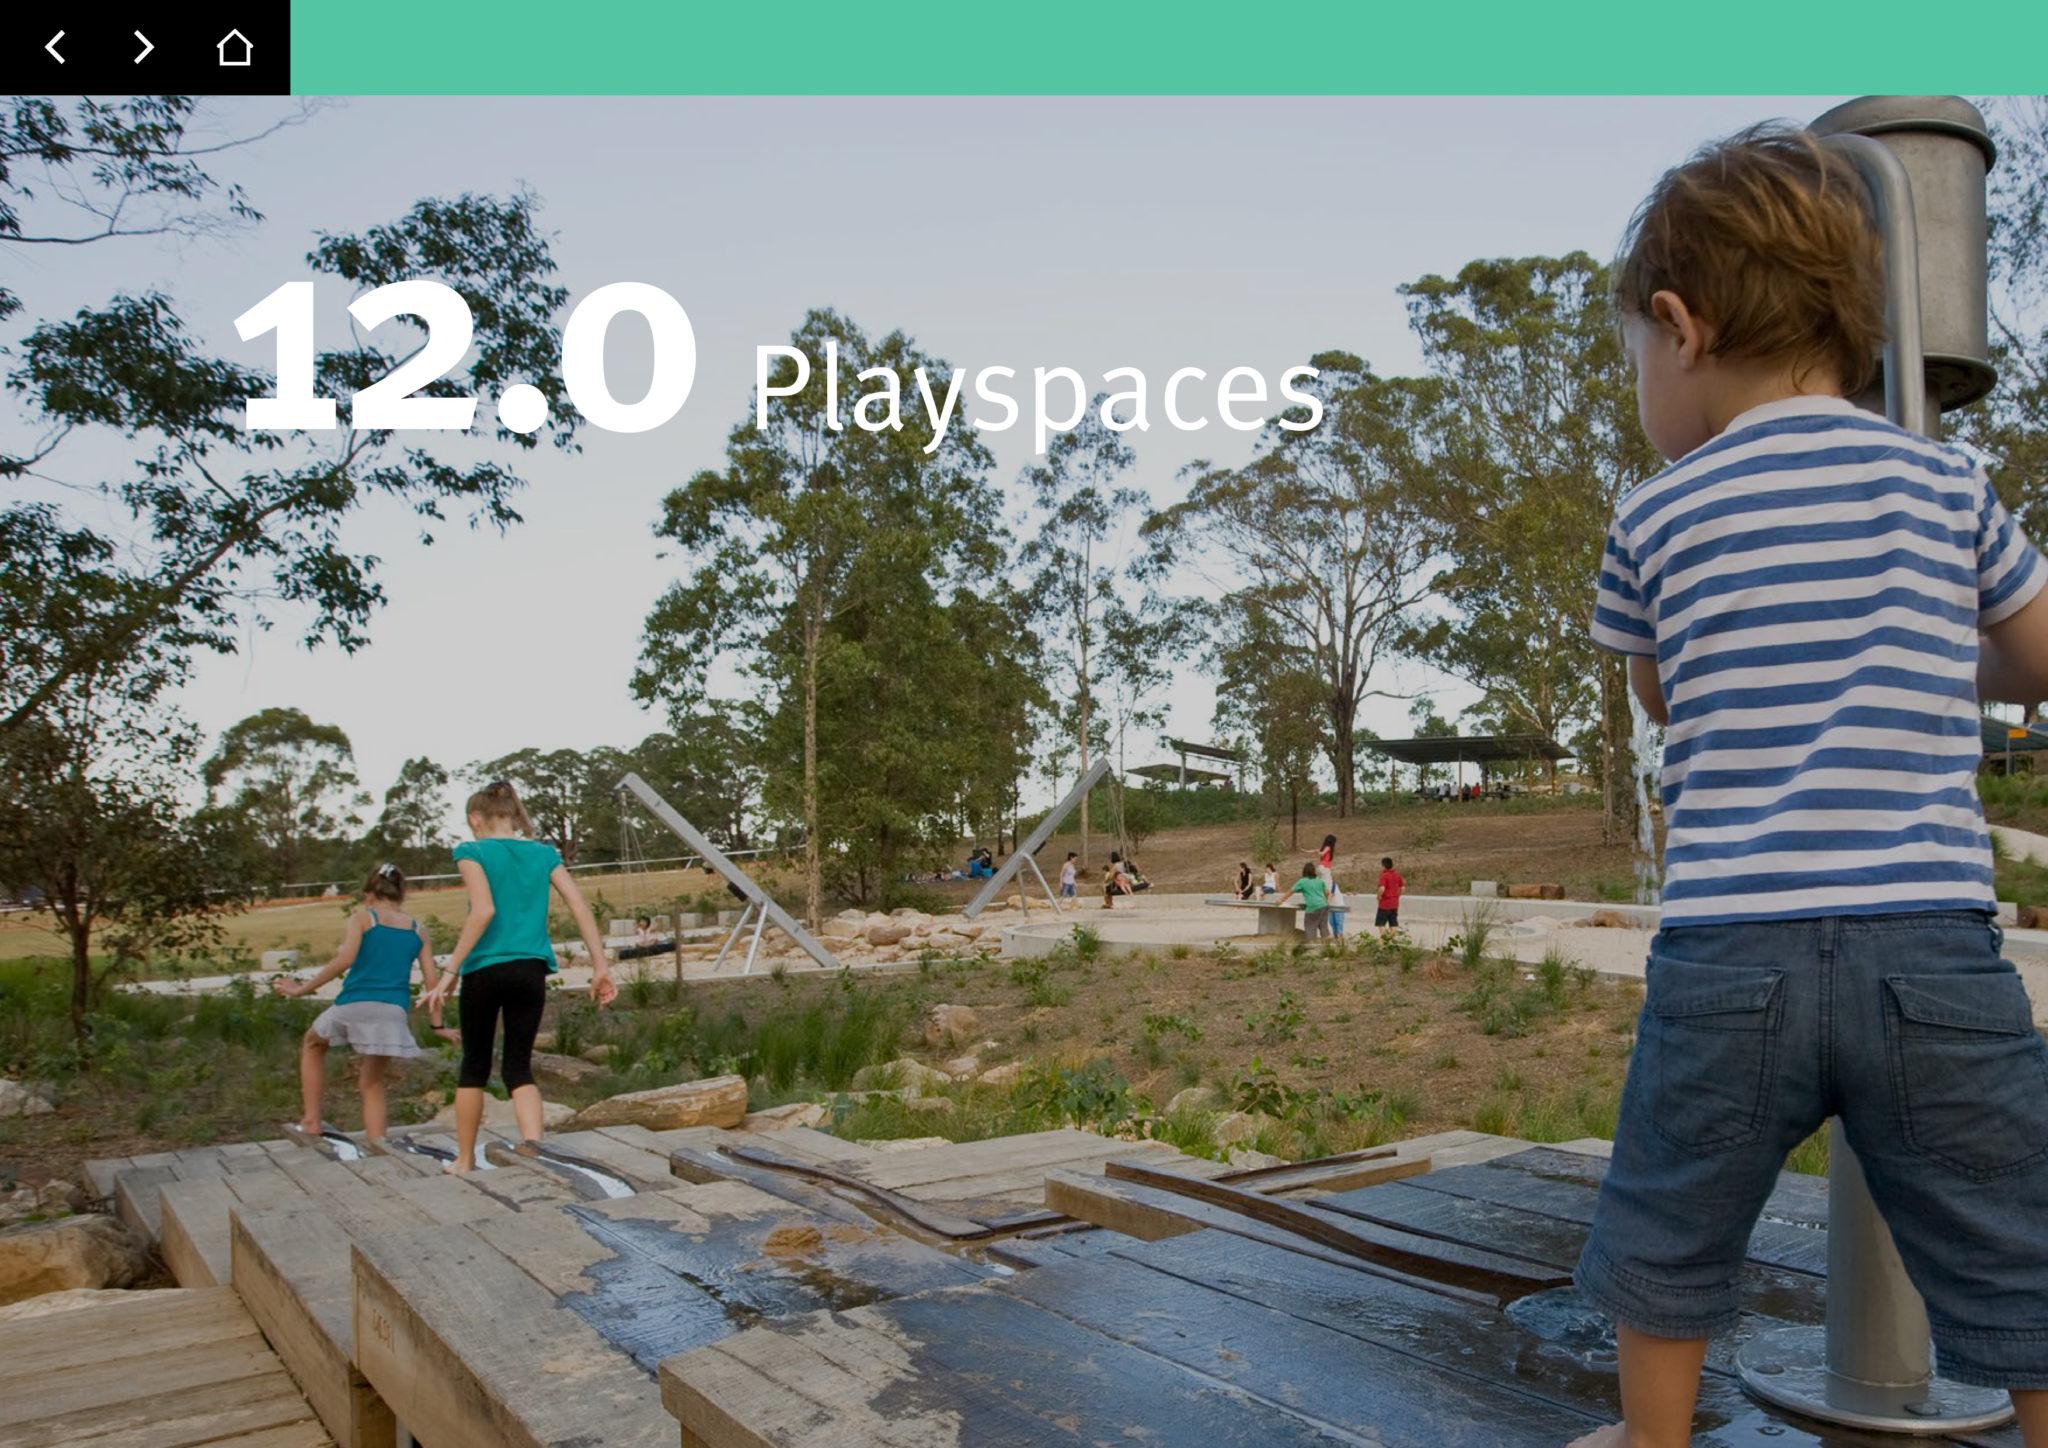 Western Sydney Parklands Design Manual Playspaces (Photo: Simon Wood)